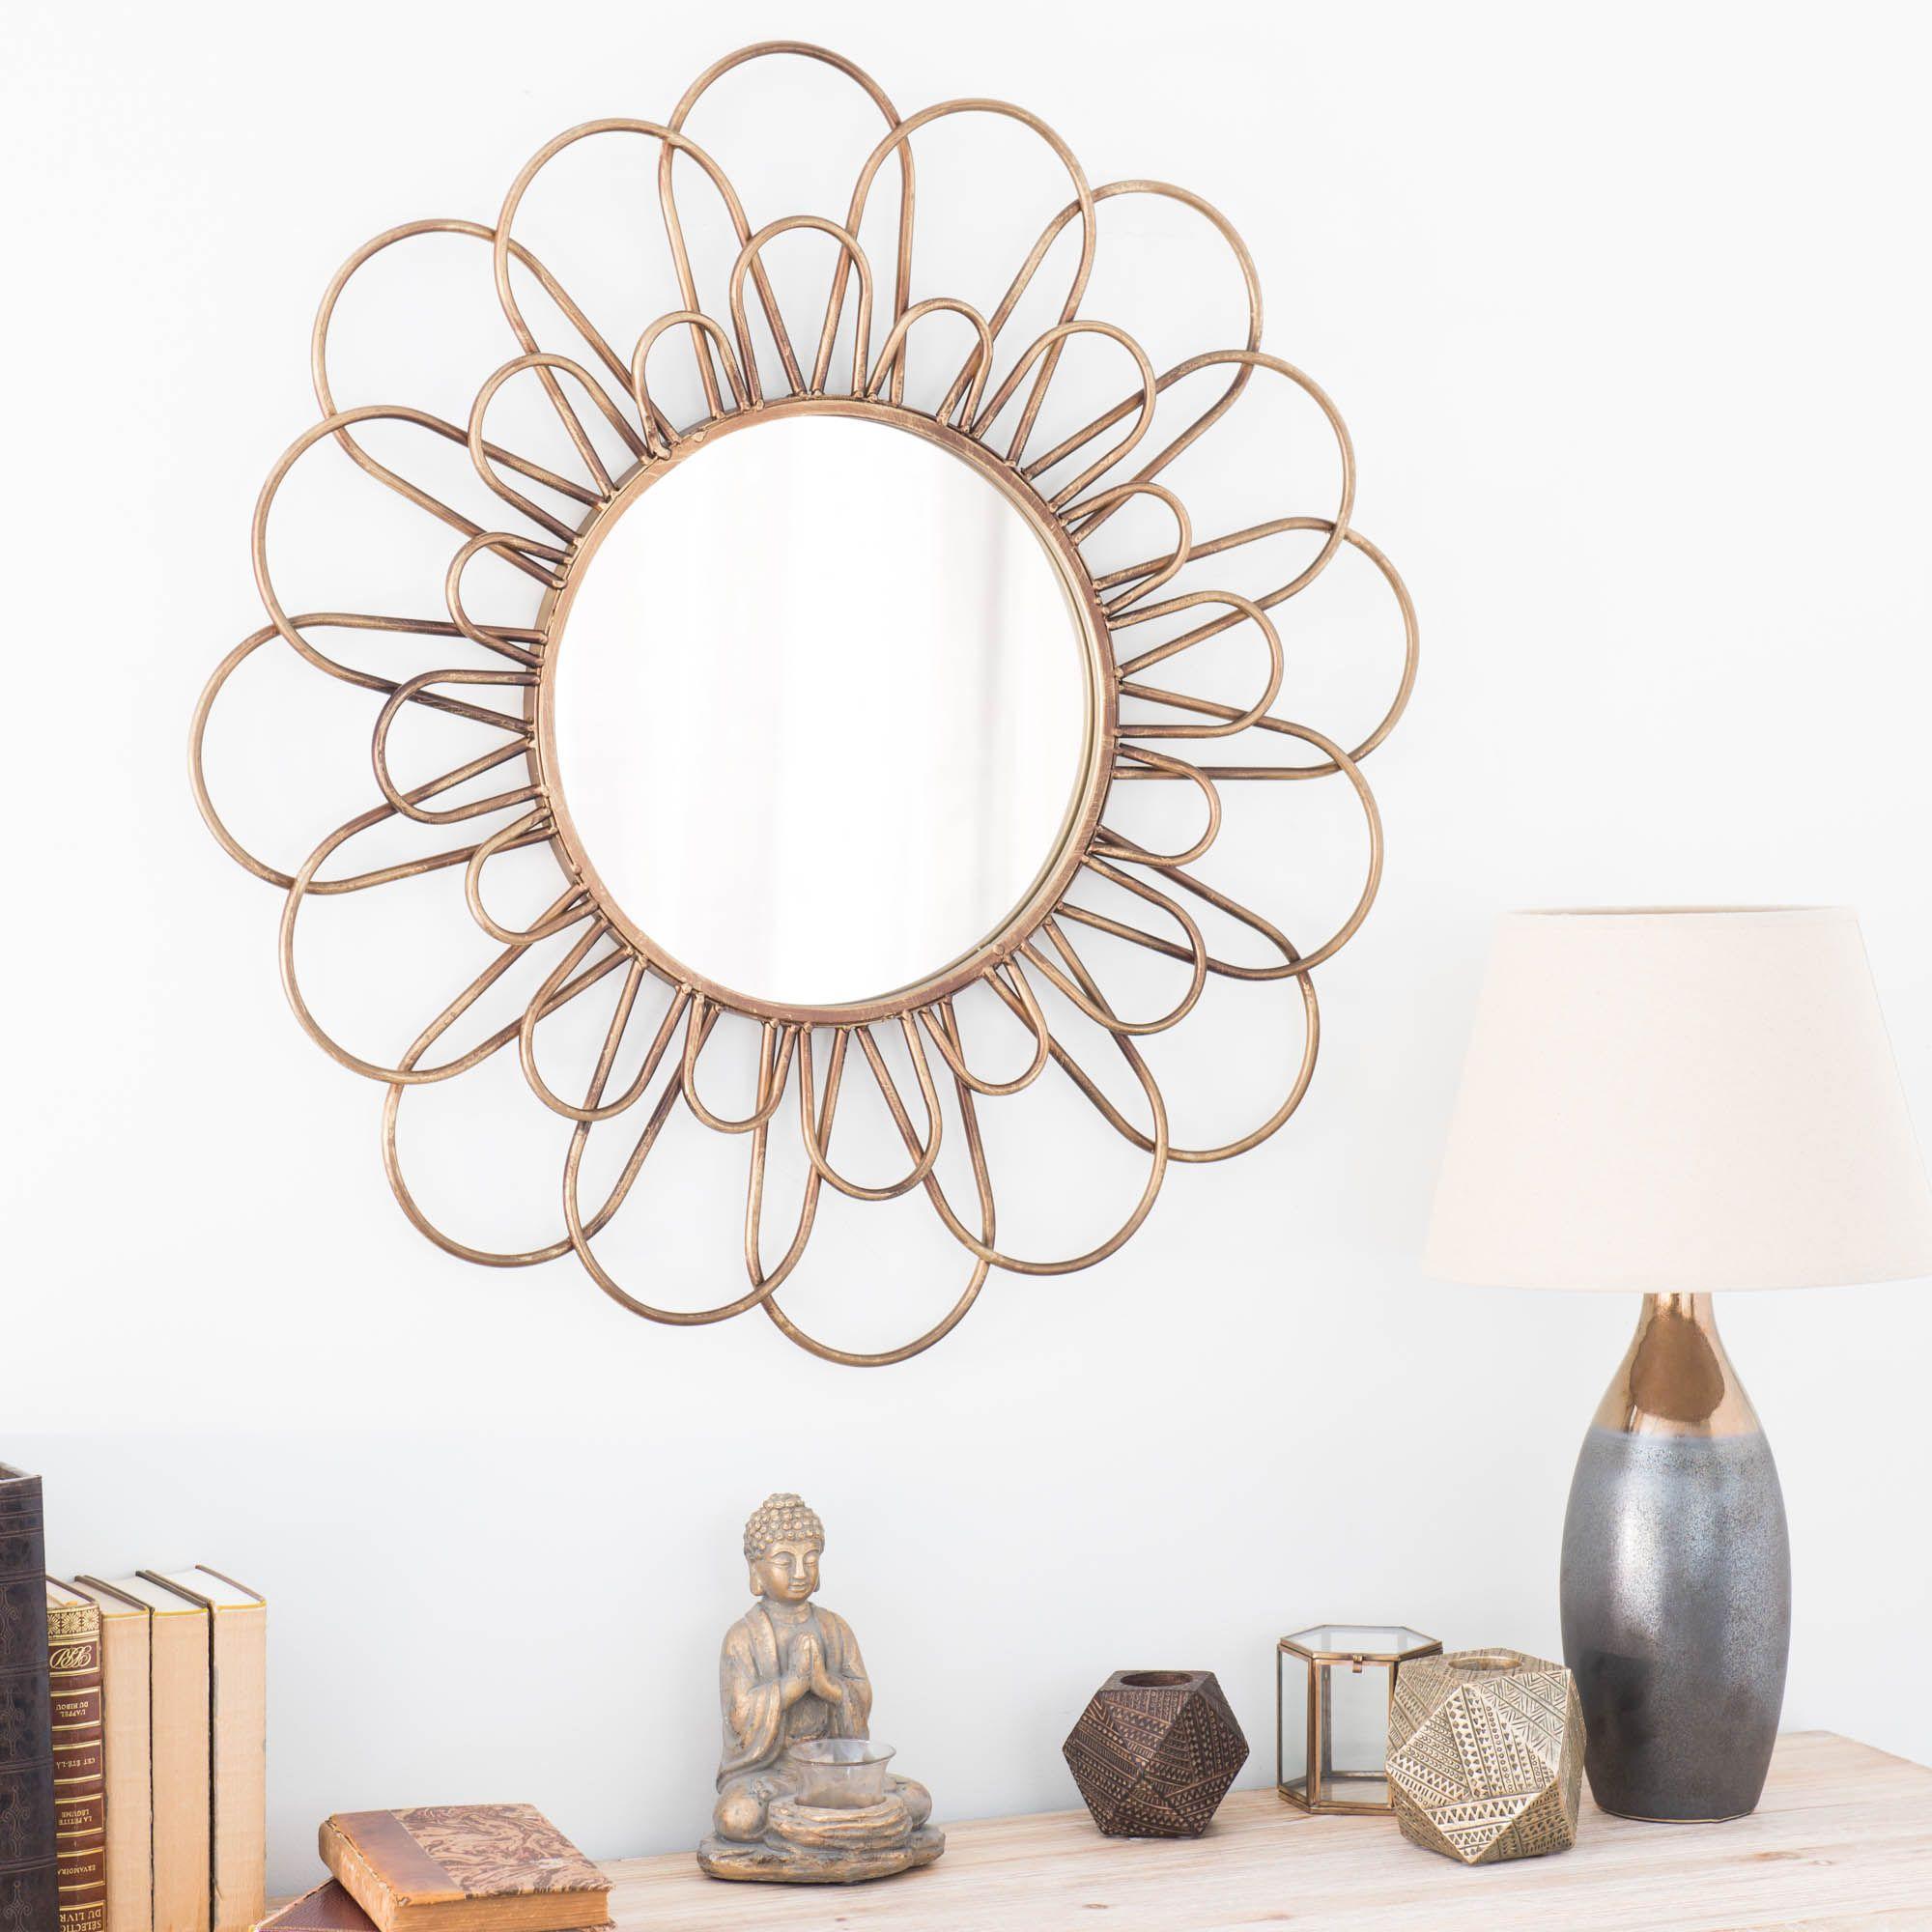 Miroir rond en m tal dor d 75 cm jangala sur nos murs for Miroir rond dore